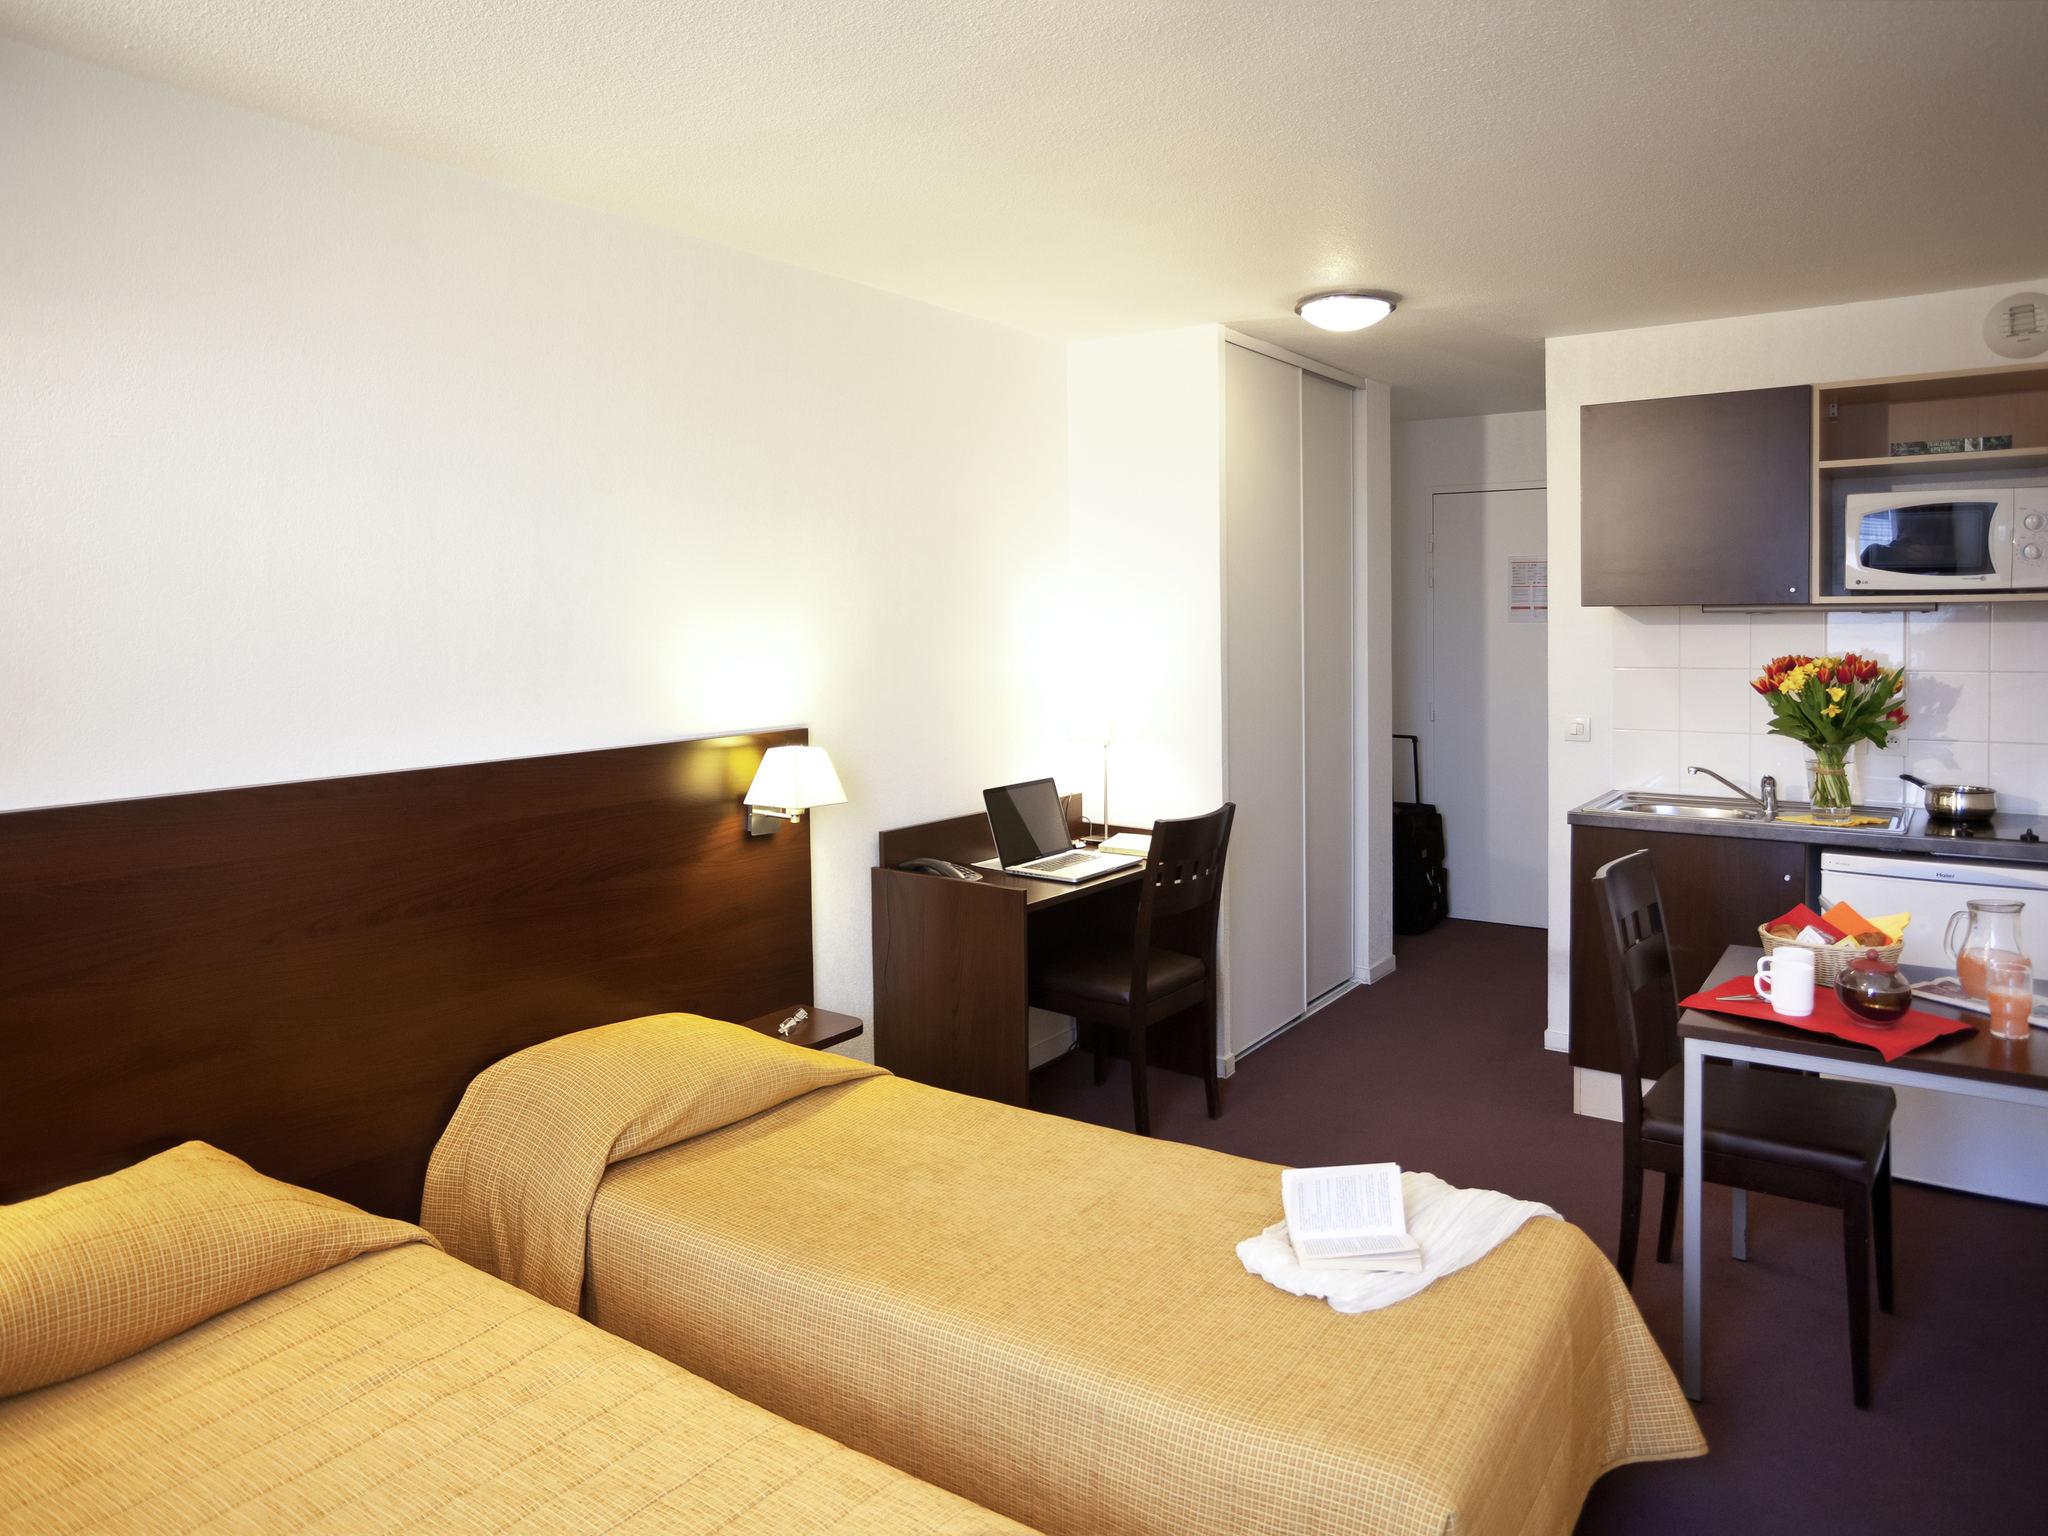 Hotel in saint denis aparthotel adagio access paris for Aparthotel adagio espagne